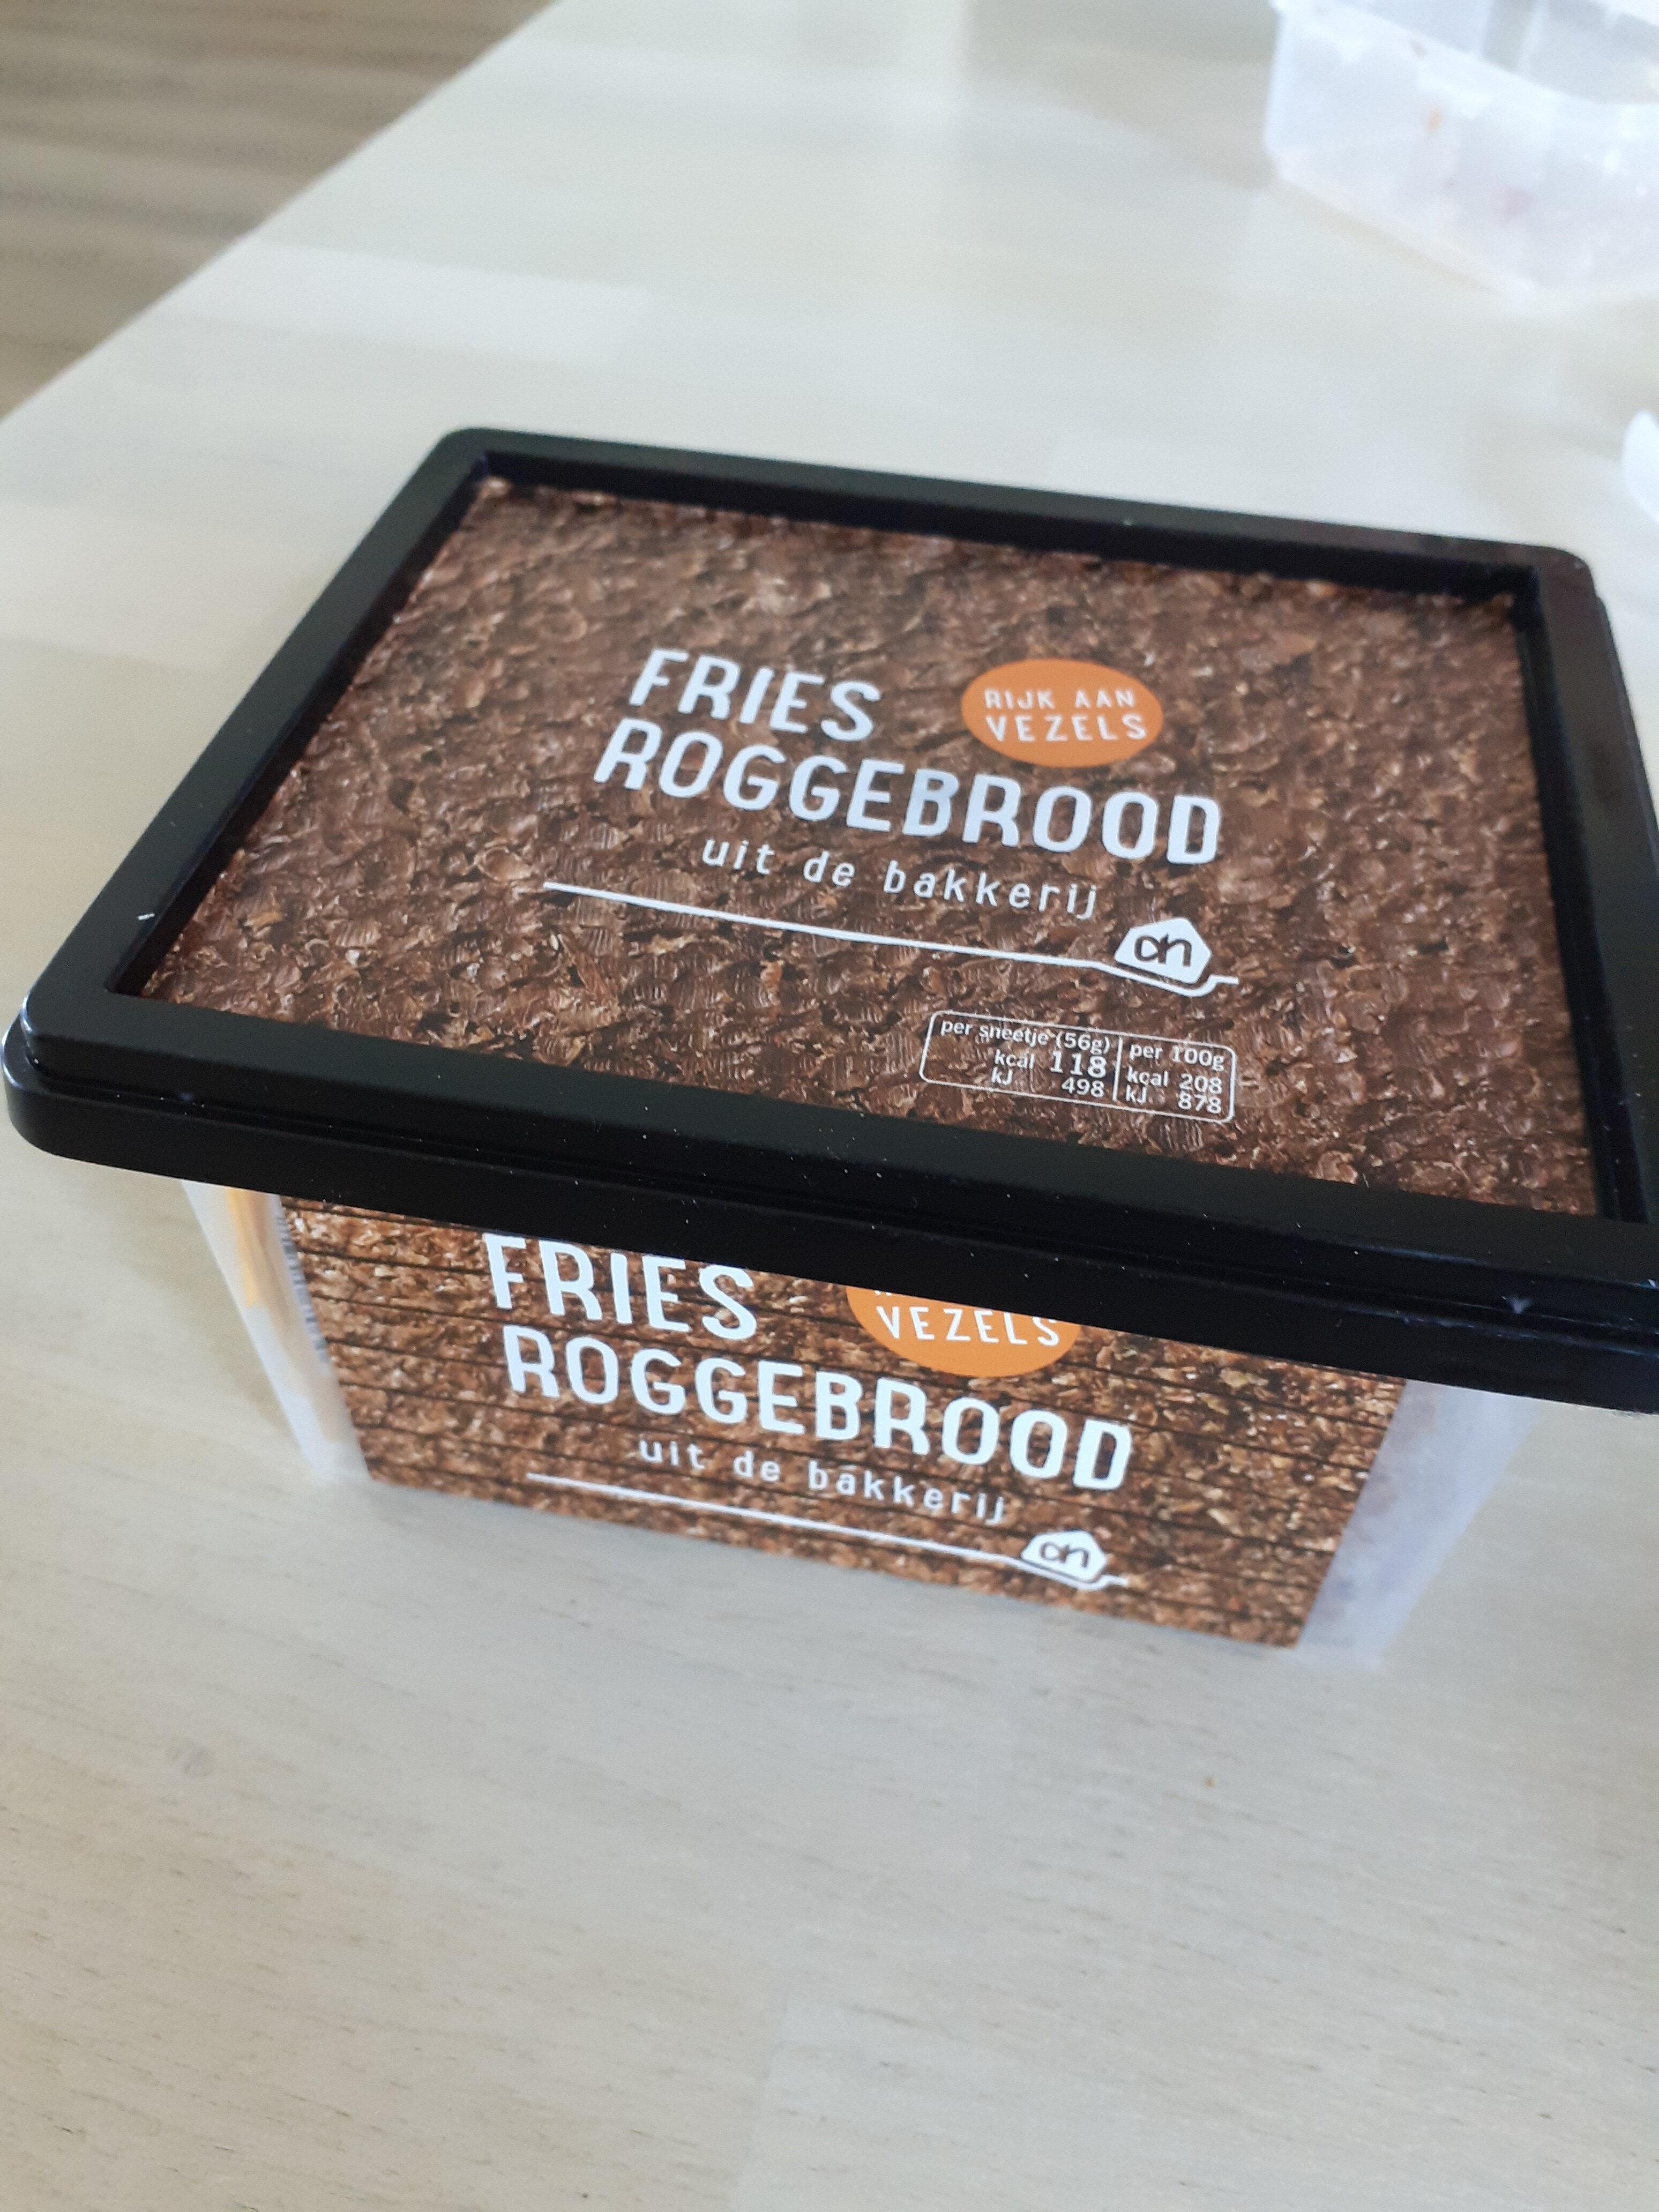 Fries roggebrood - Produit - nl